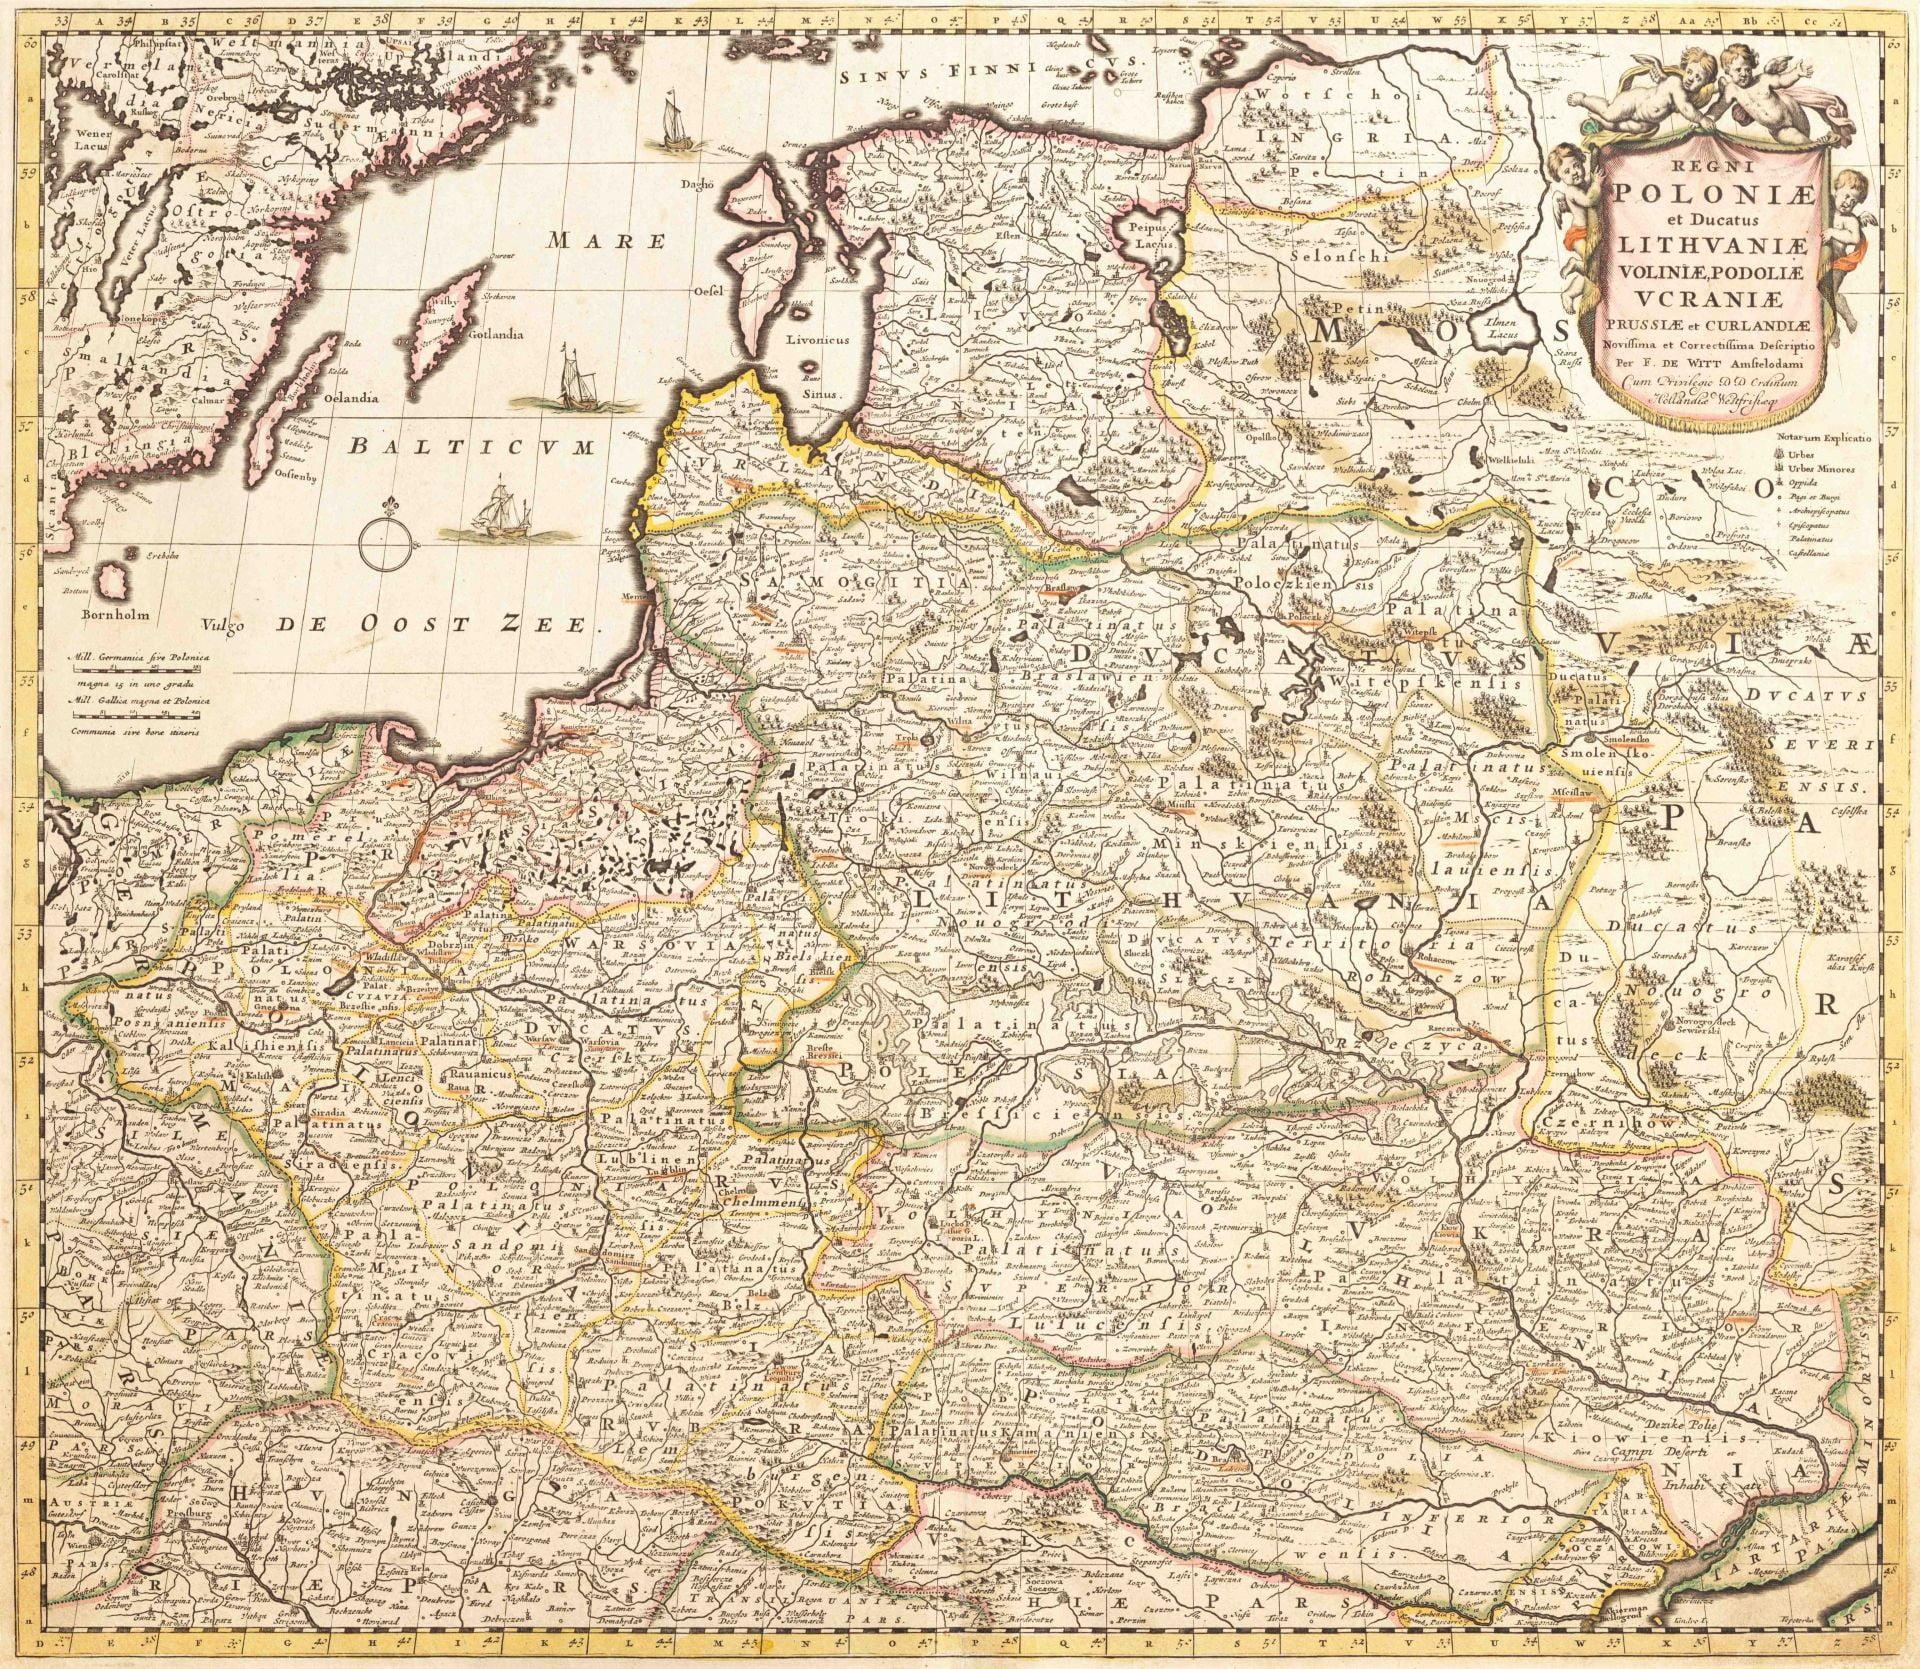 Карта Польши и Подолья 17 века